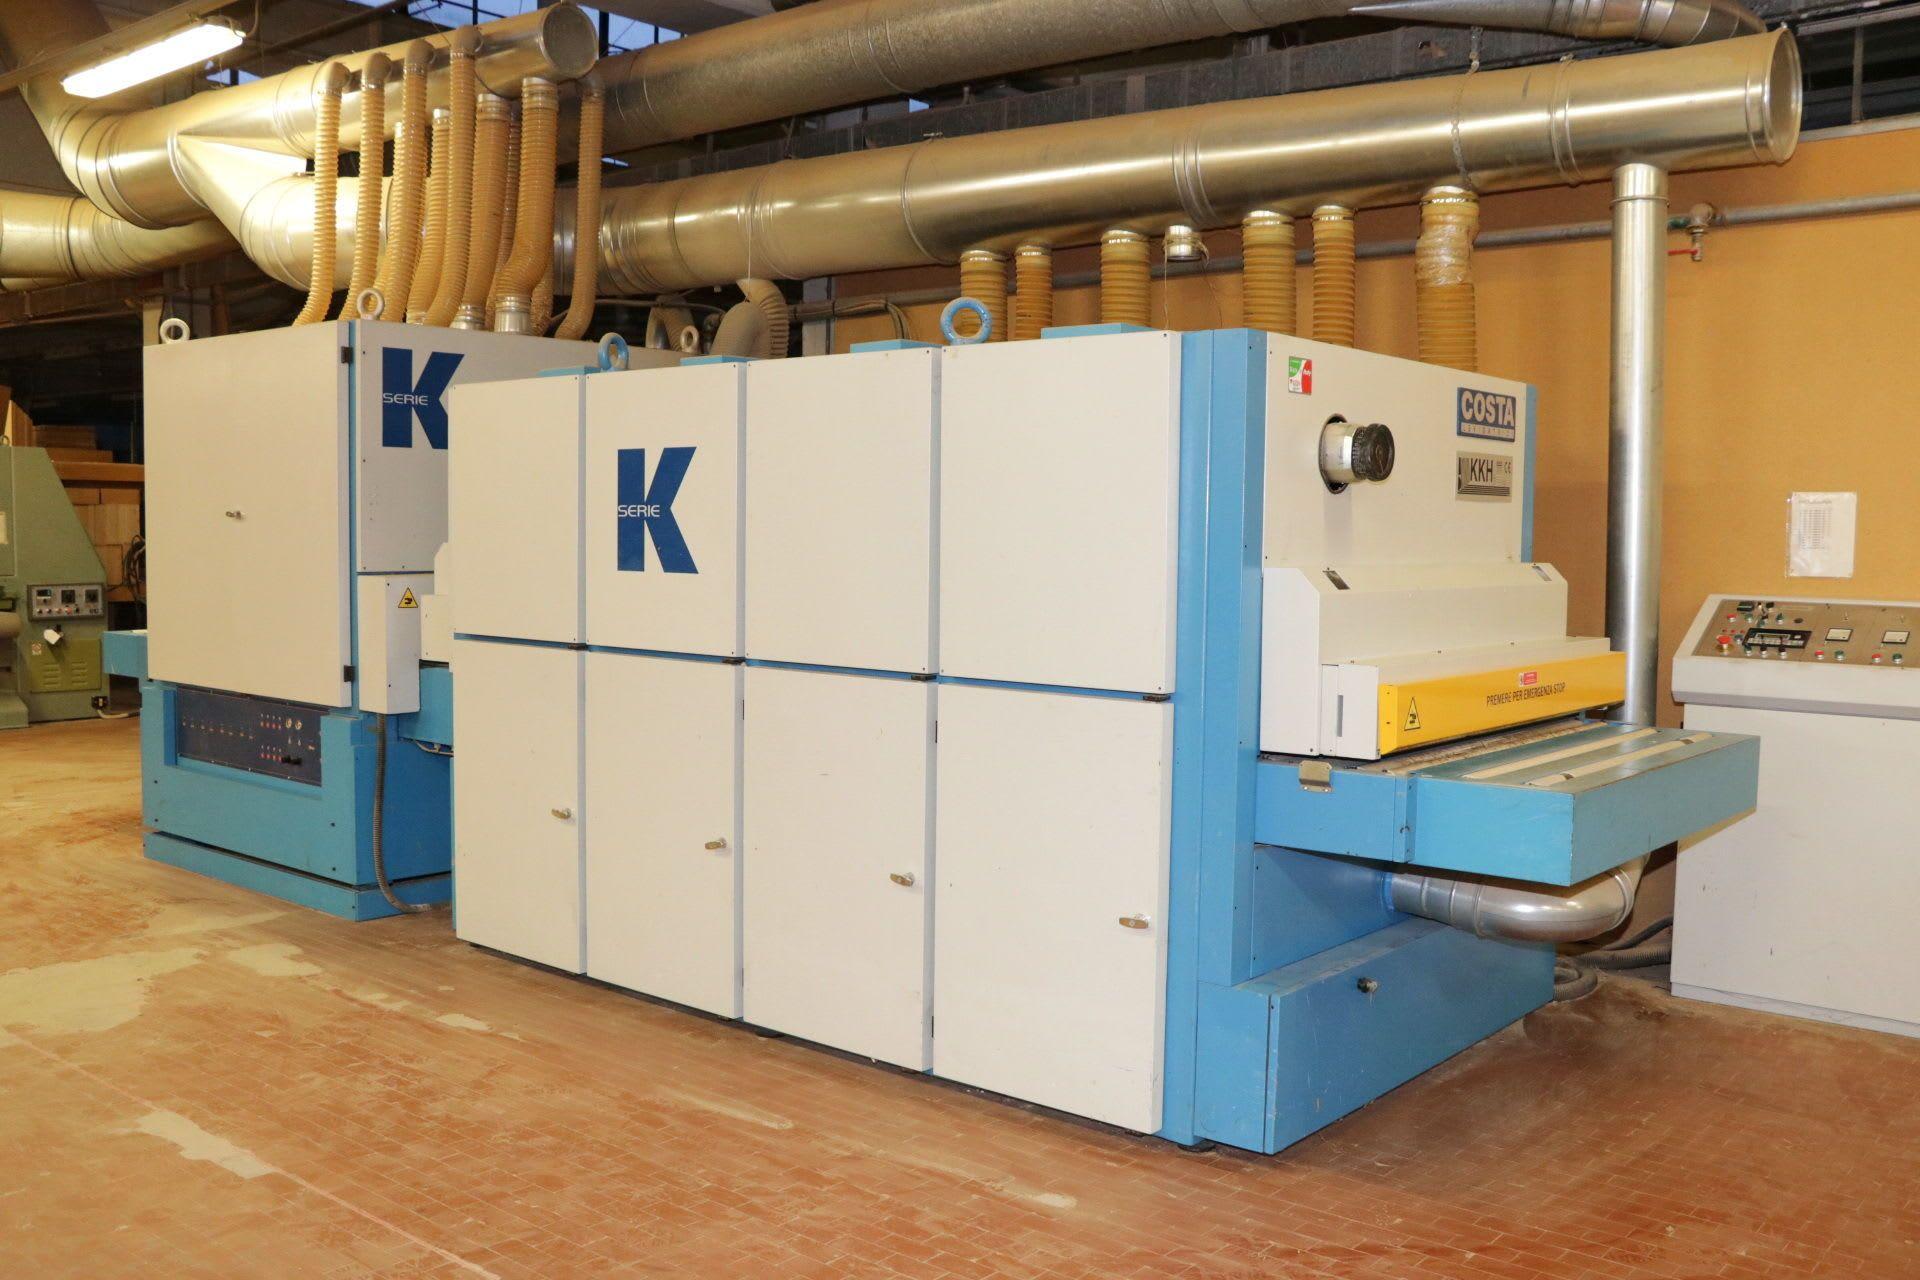 COSTA KKH CCCC CCCC 1350 Obere / Unterseitige Kalibrierlinie